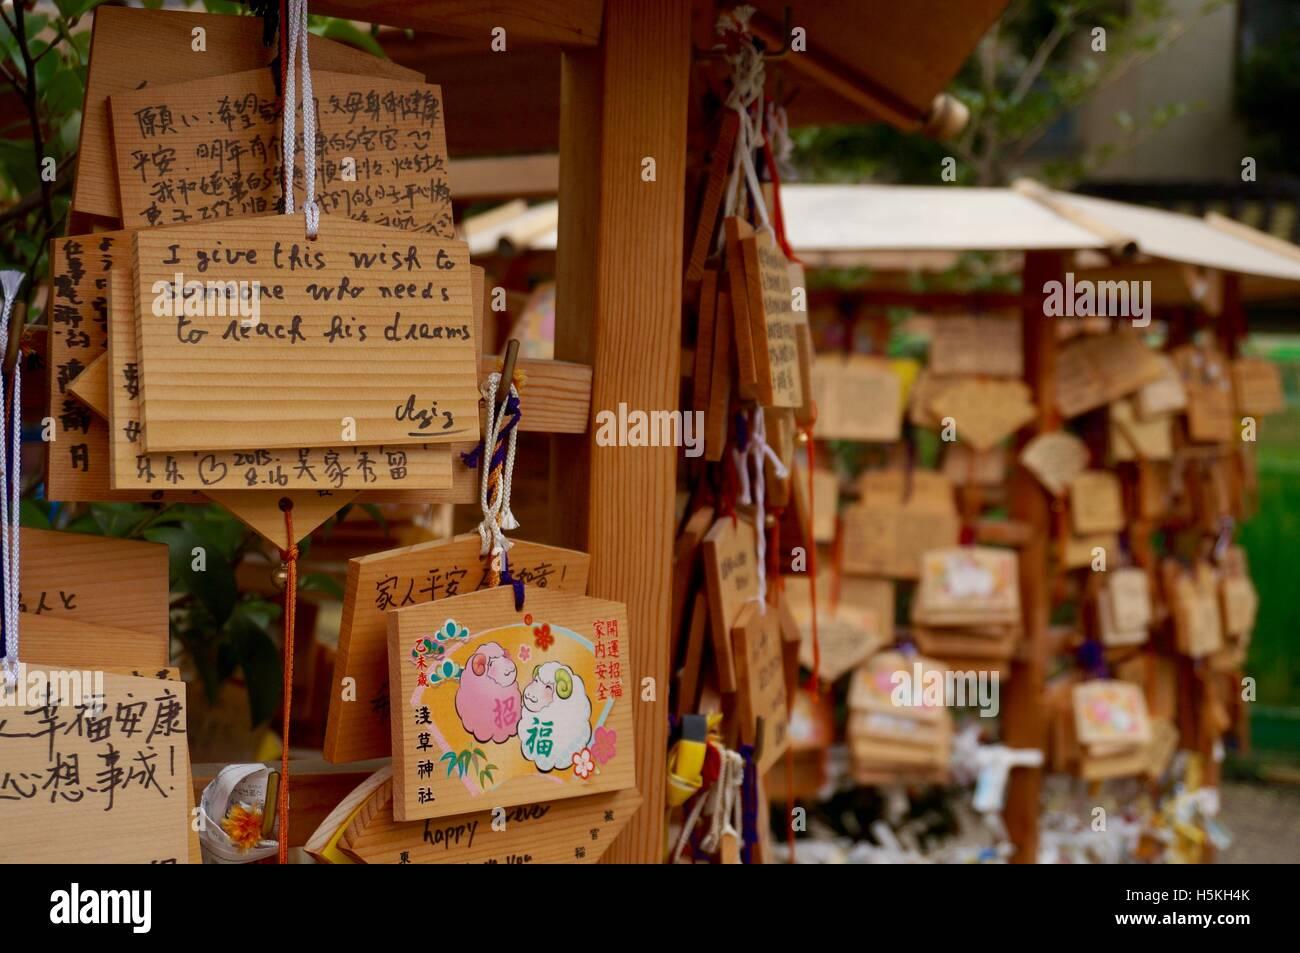 Ema japanischen traditionellen hölzernen tafeln für wünsche und